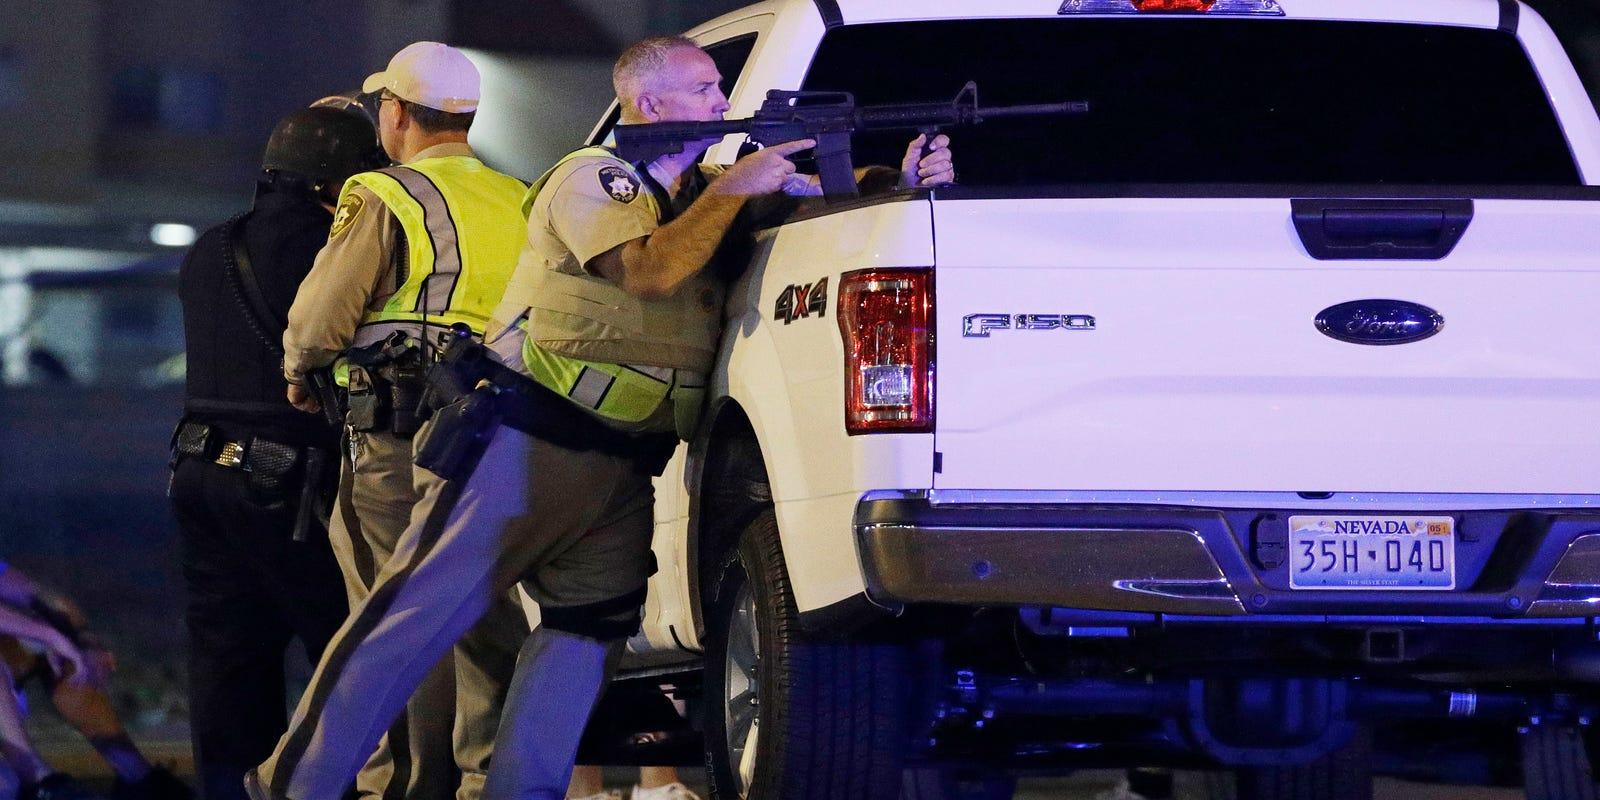 Anne Duarte Escort las vegas shooting: amid chaos 'we had one bad guy, 25,000